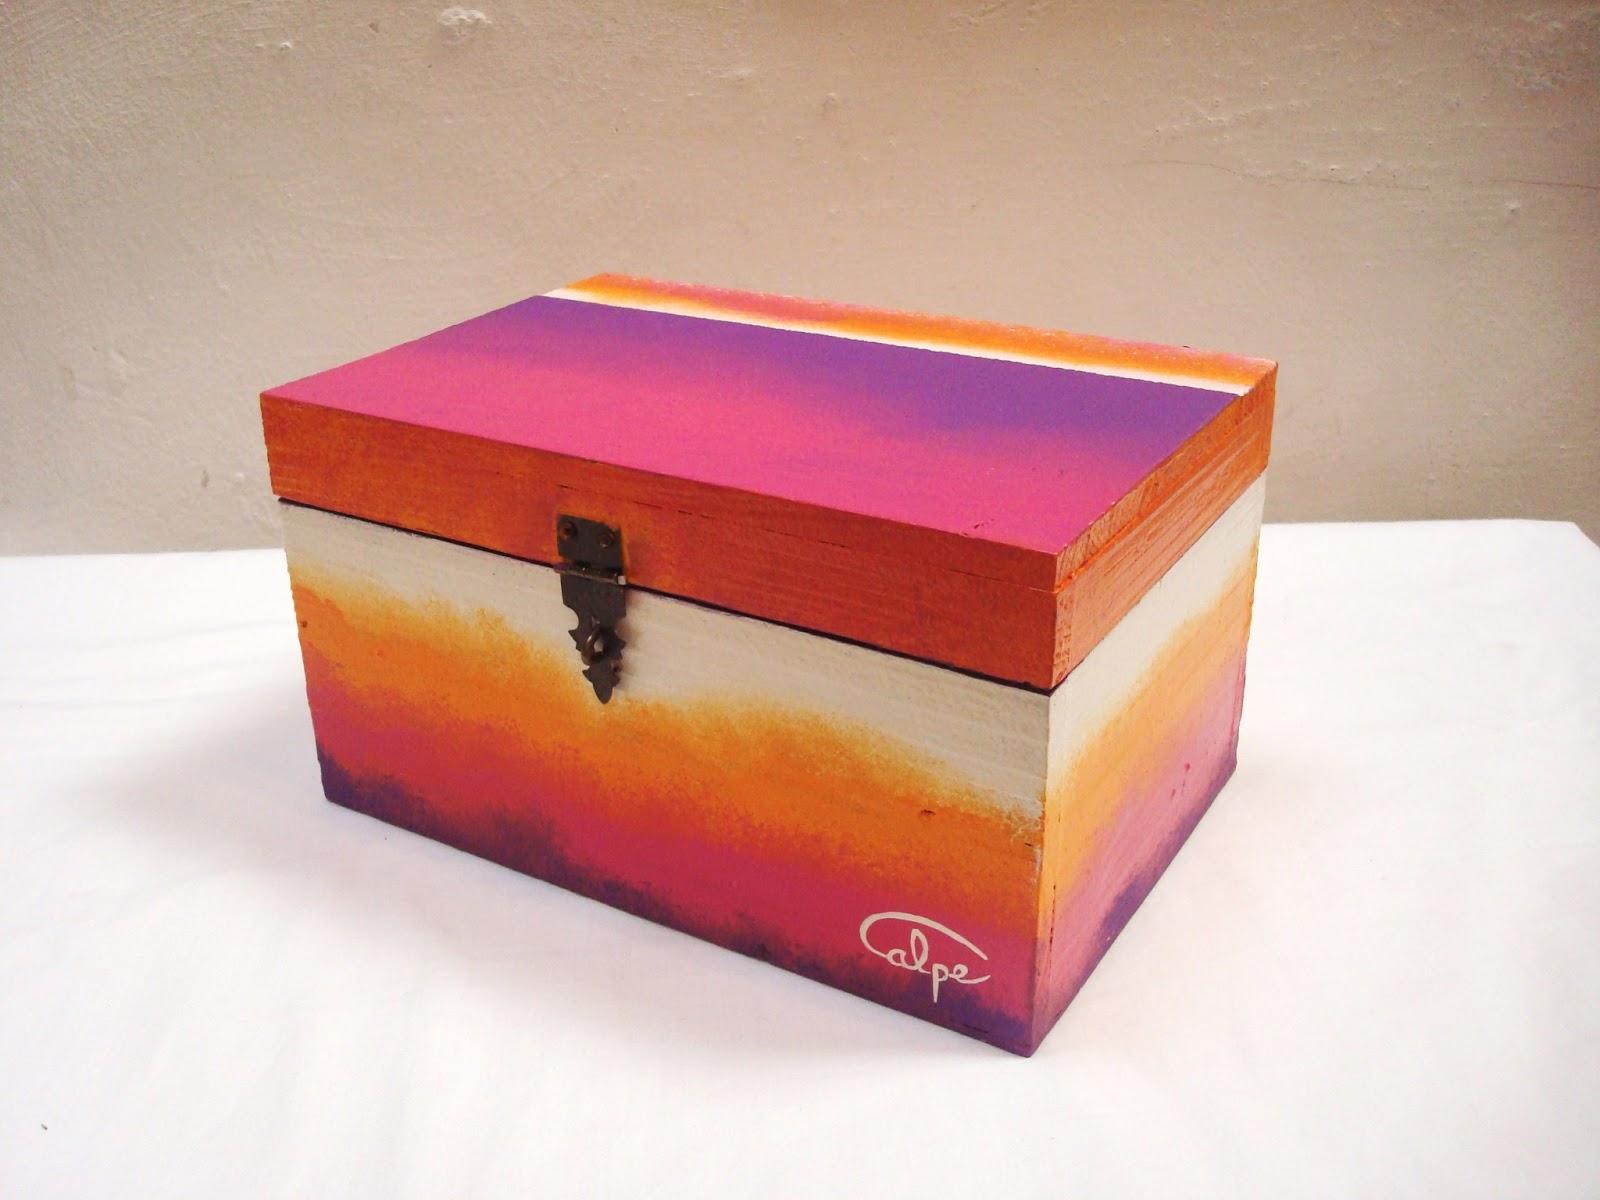 Calpearts cajas pintadas a mano - Baules pintados a mano ...